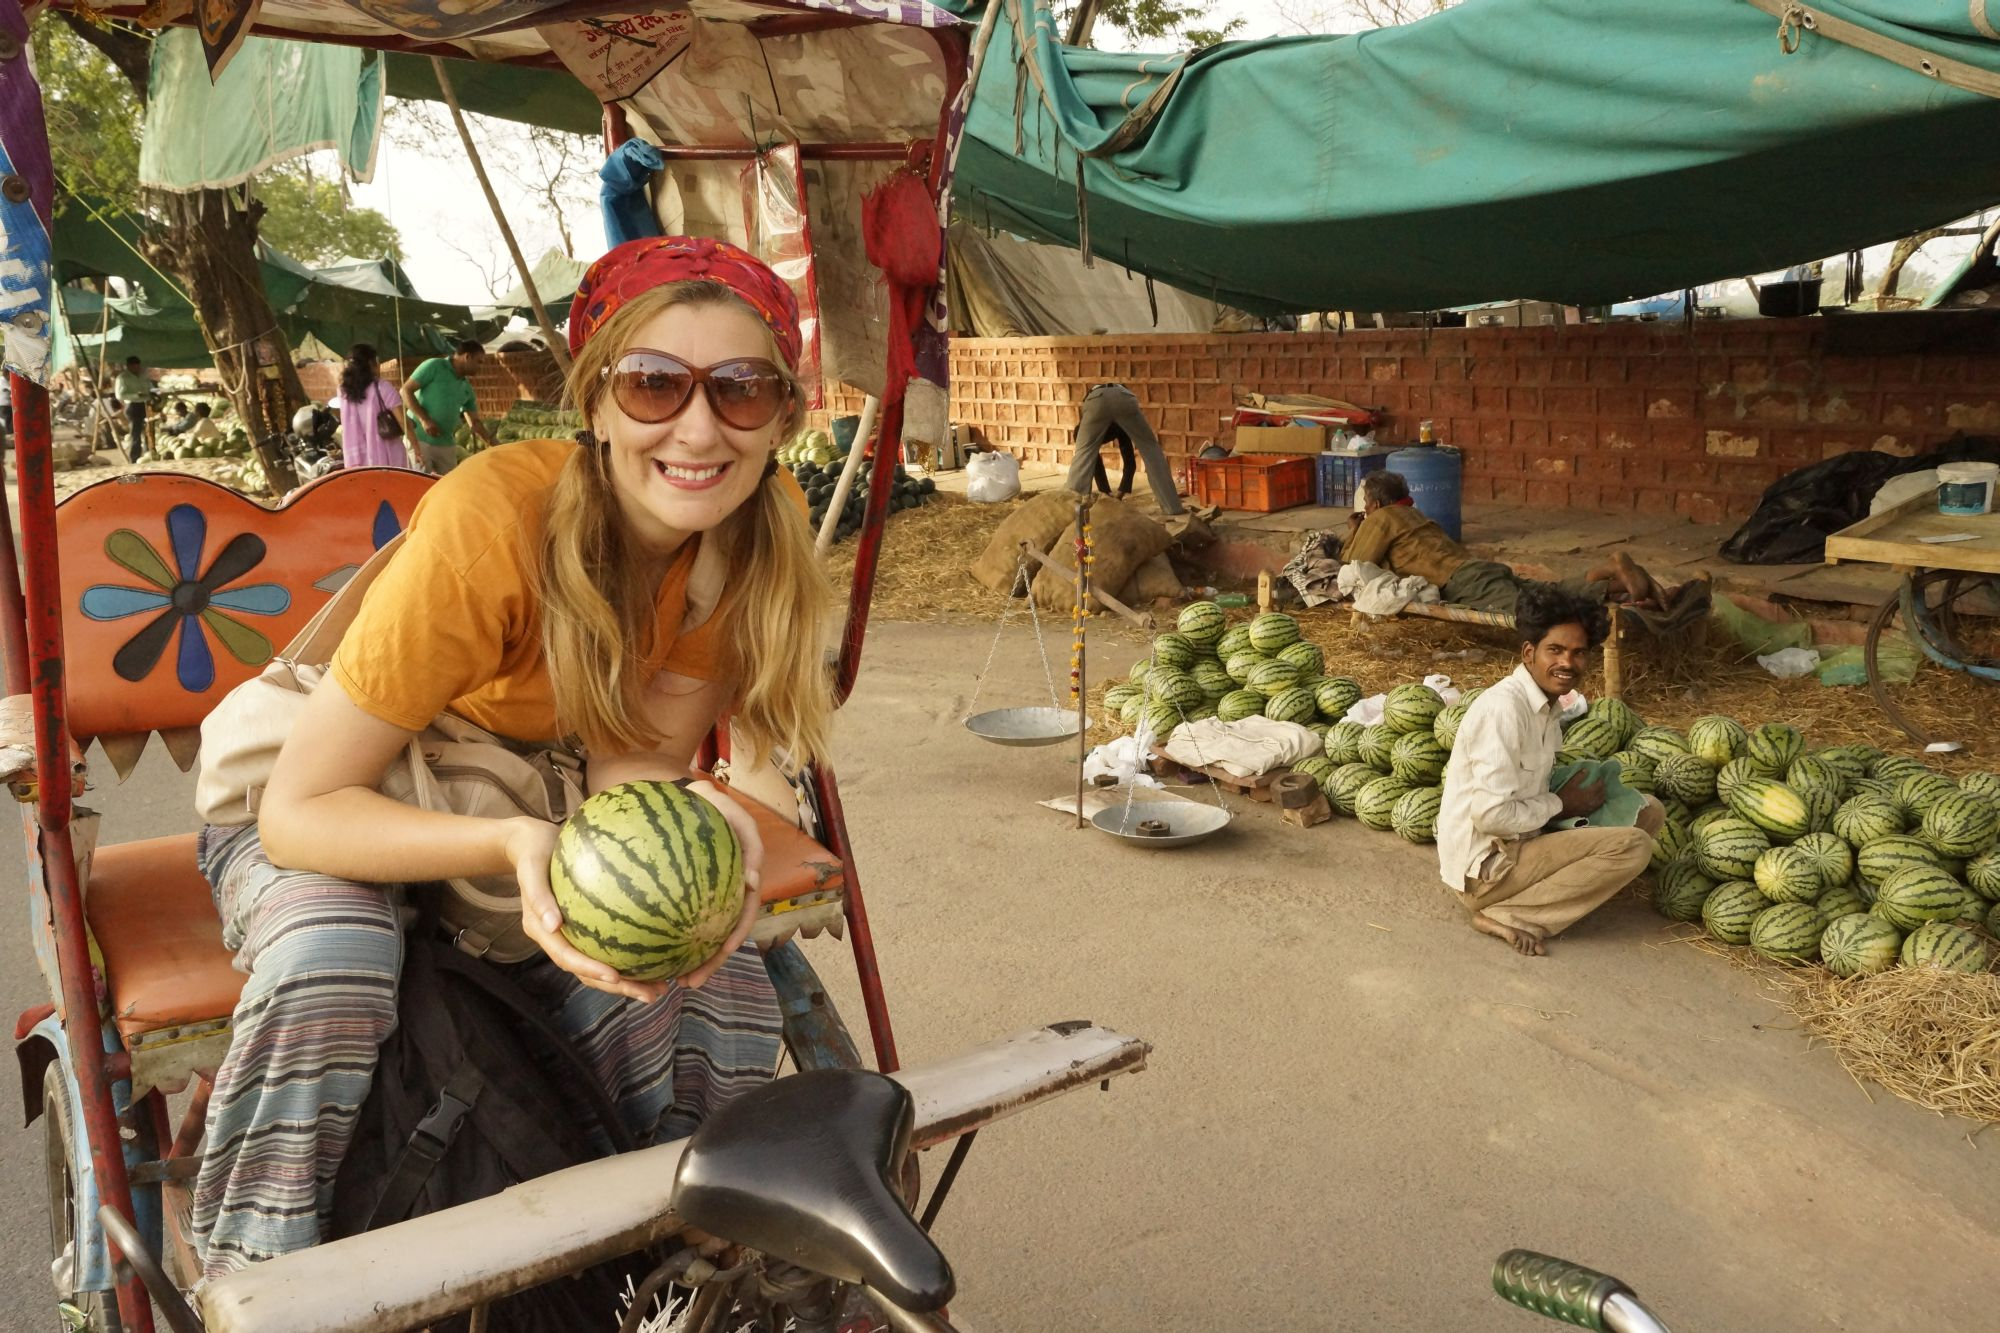 Szybkie zakupy na miejscowym bazarze